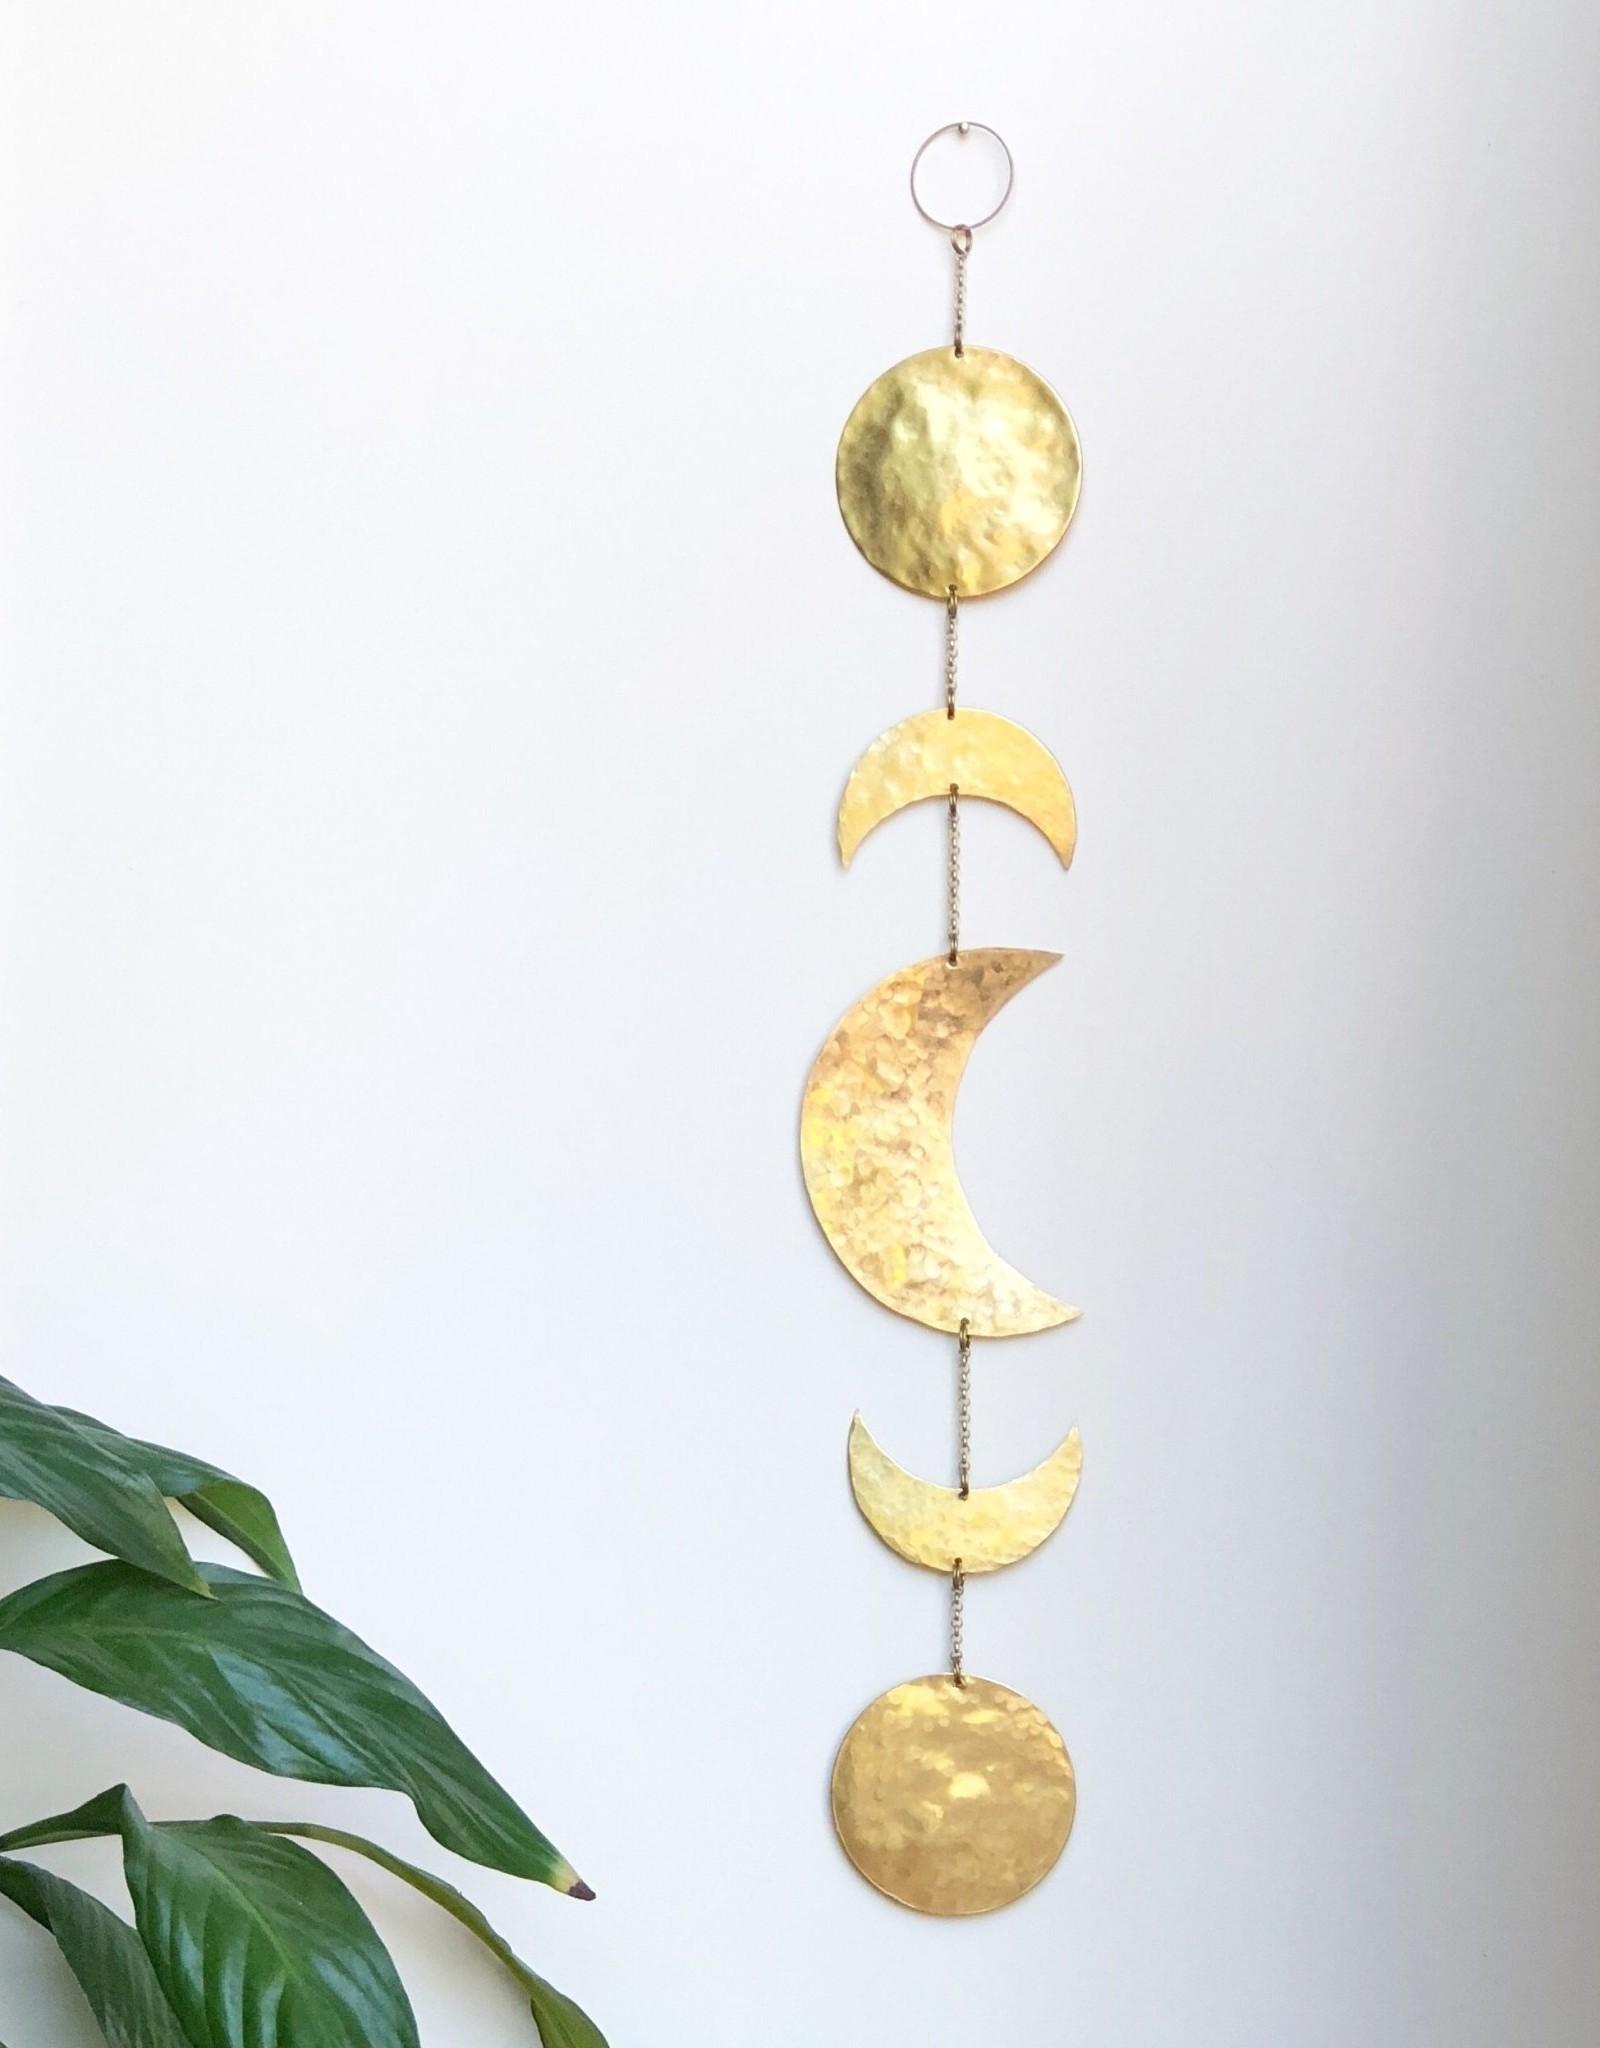 Vida + Luz Wall Hanging/Mobile Brass - Ishta